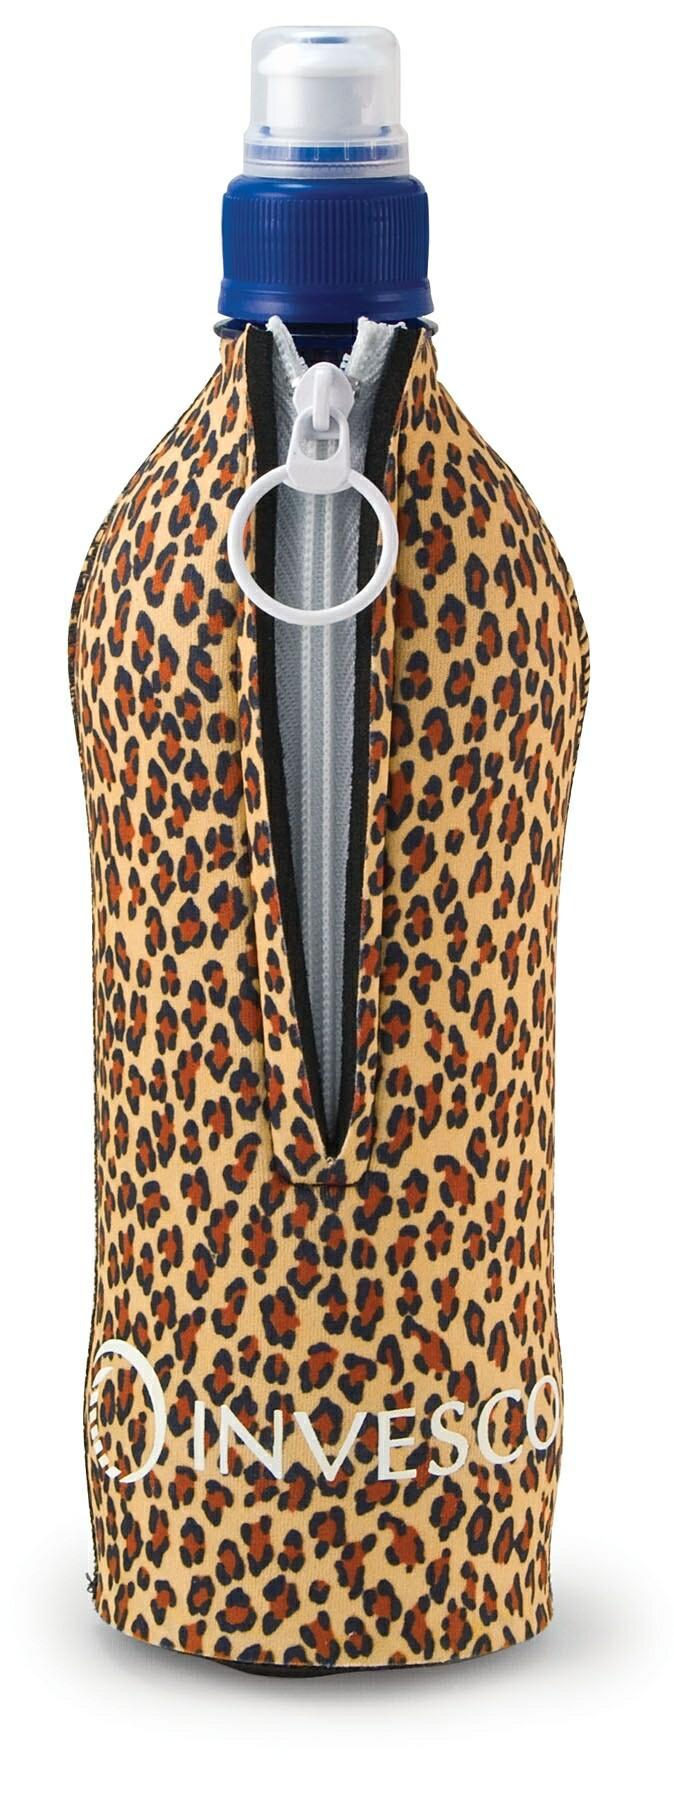 Kolder Jumbo Suit Bottle Cover w/ Zipper - 4C Process (For 20 Oz. Bottle)